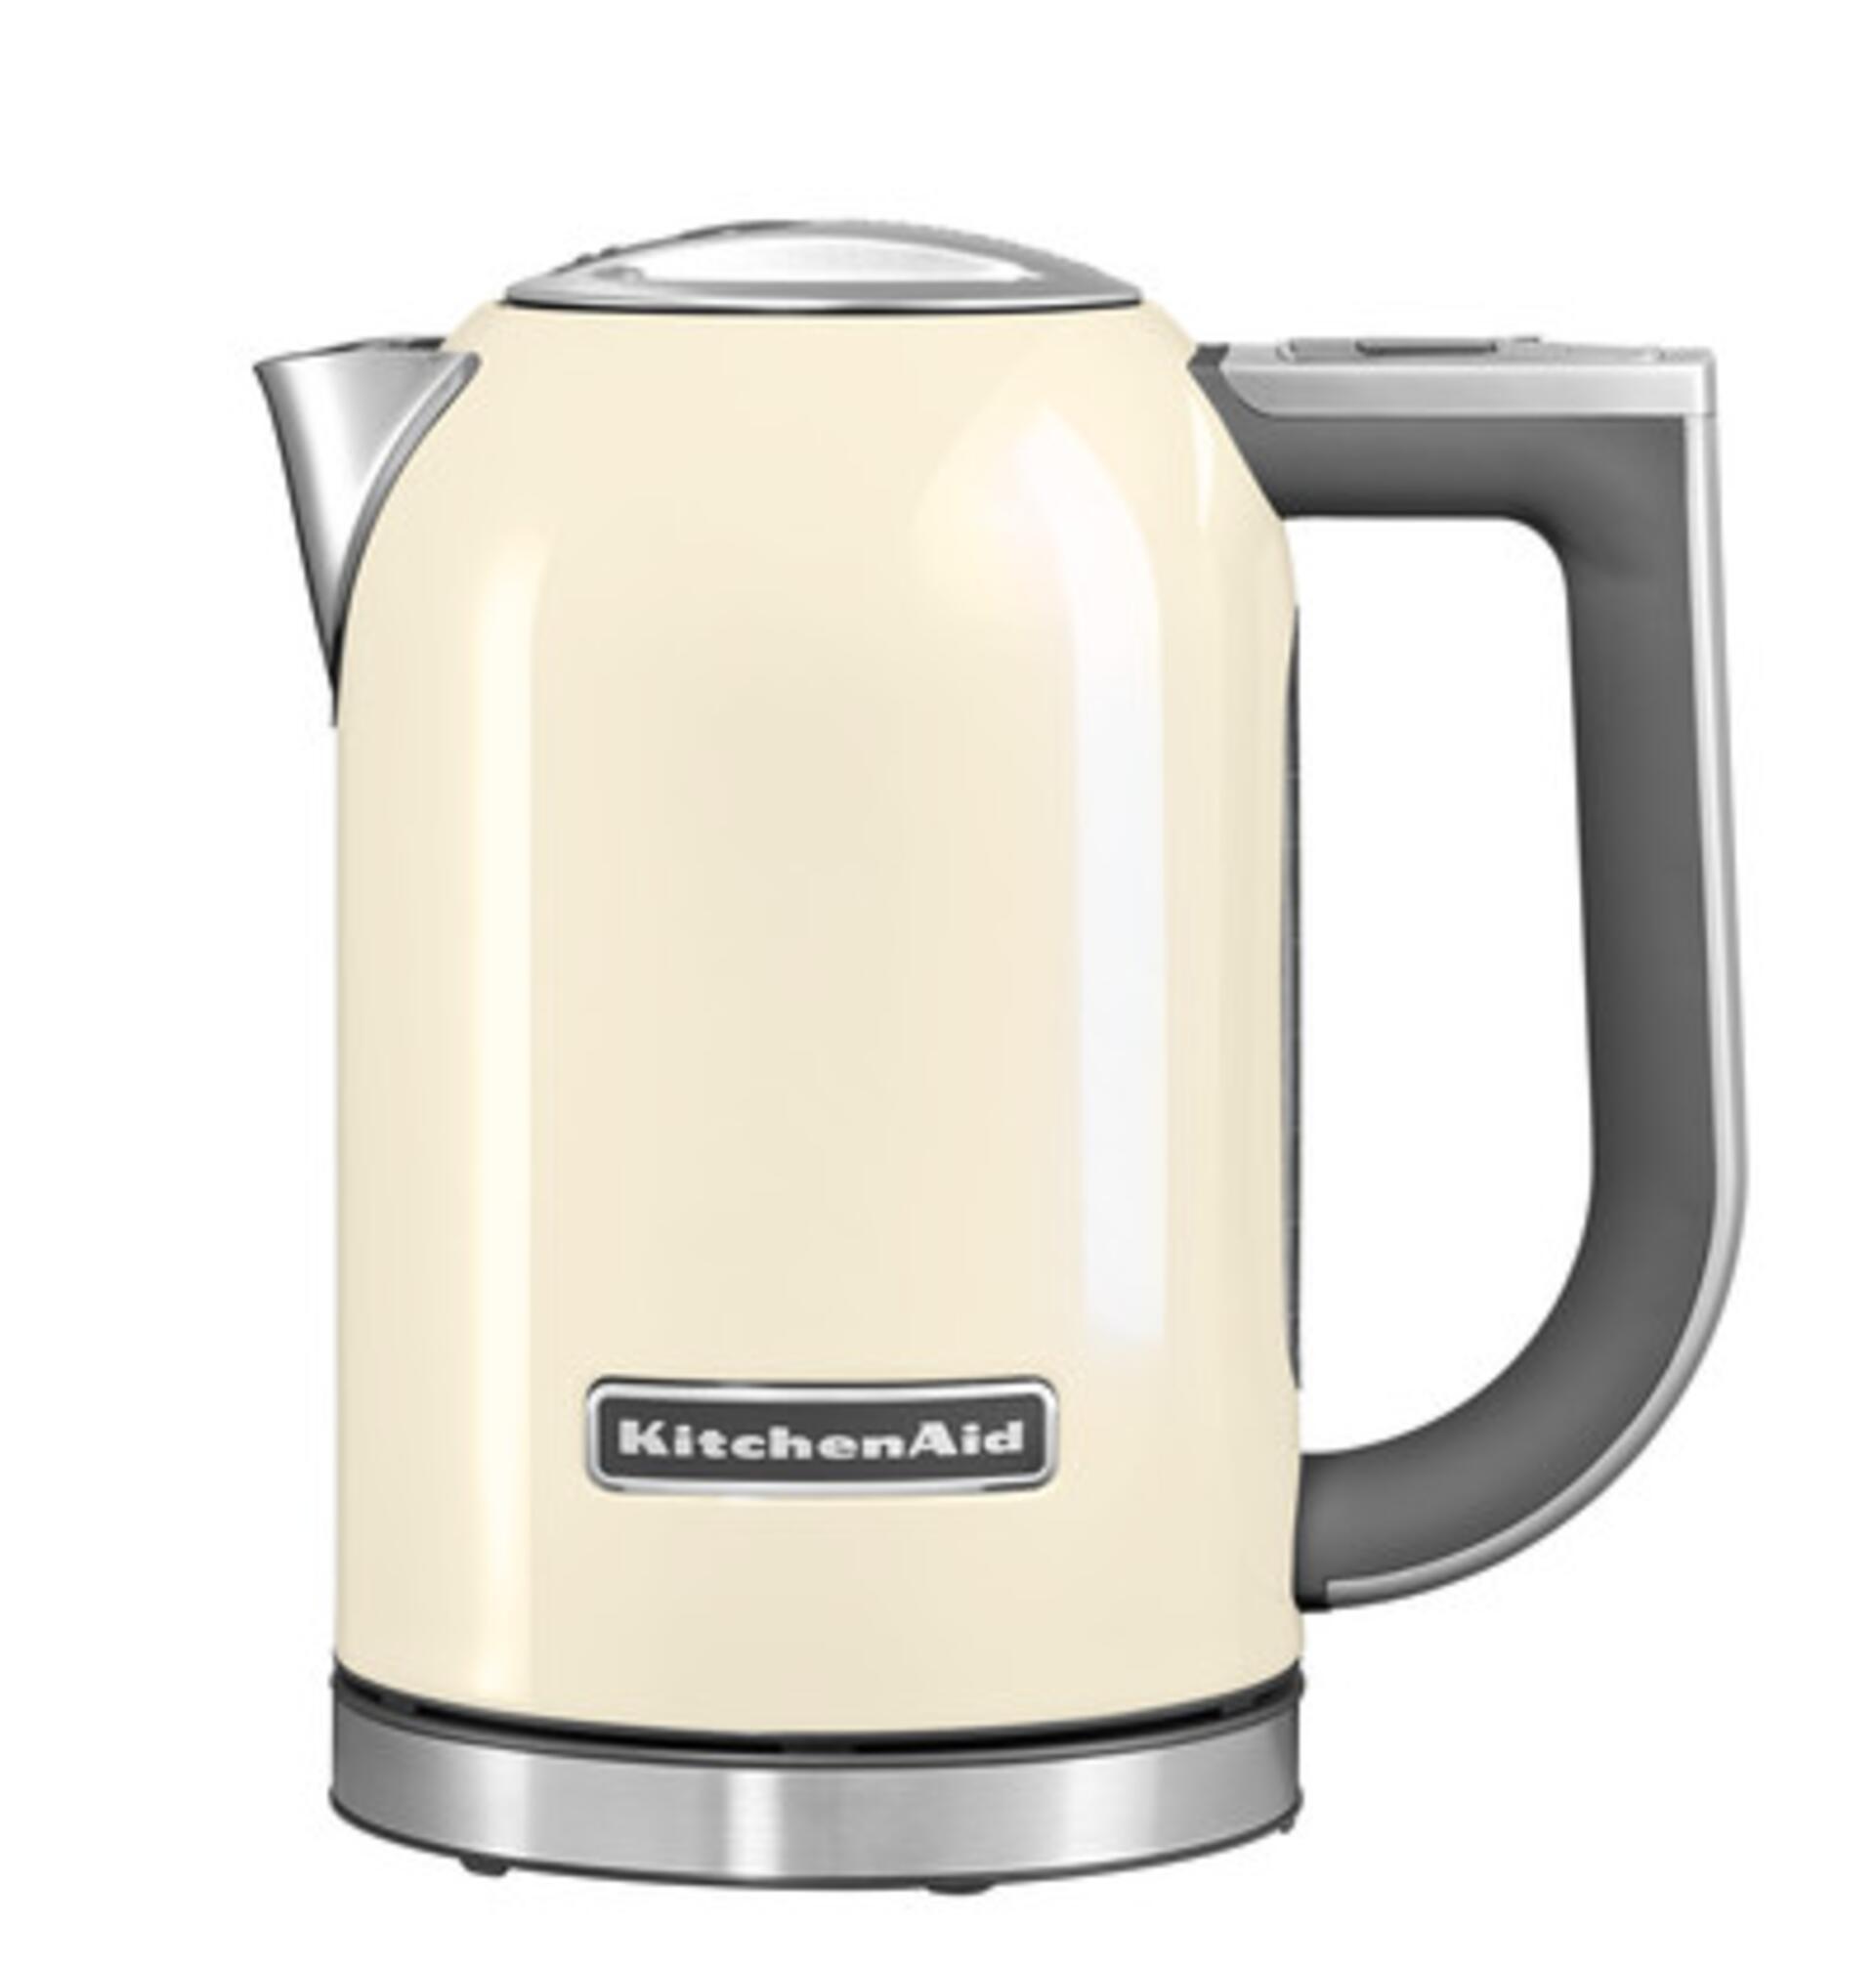 KitchenAid Wasserkocher 5KEK1722EAC